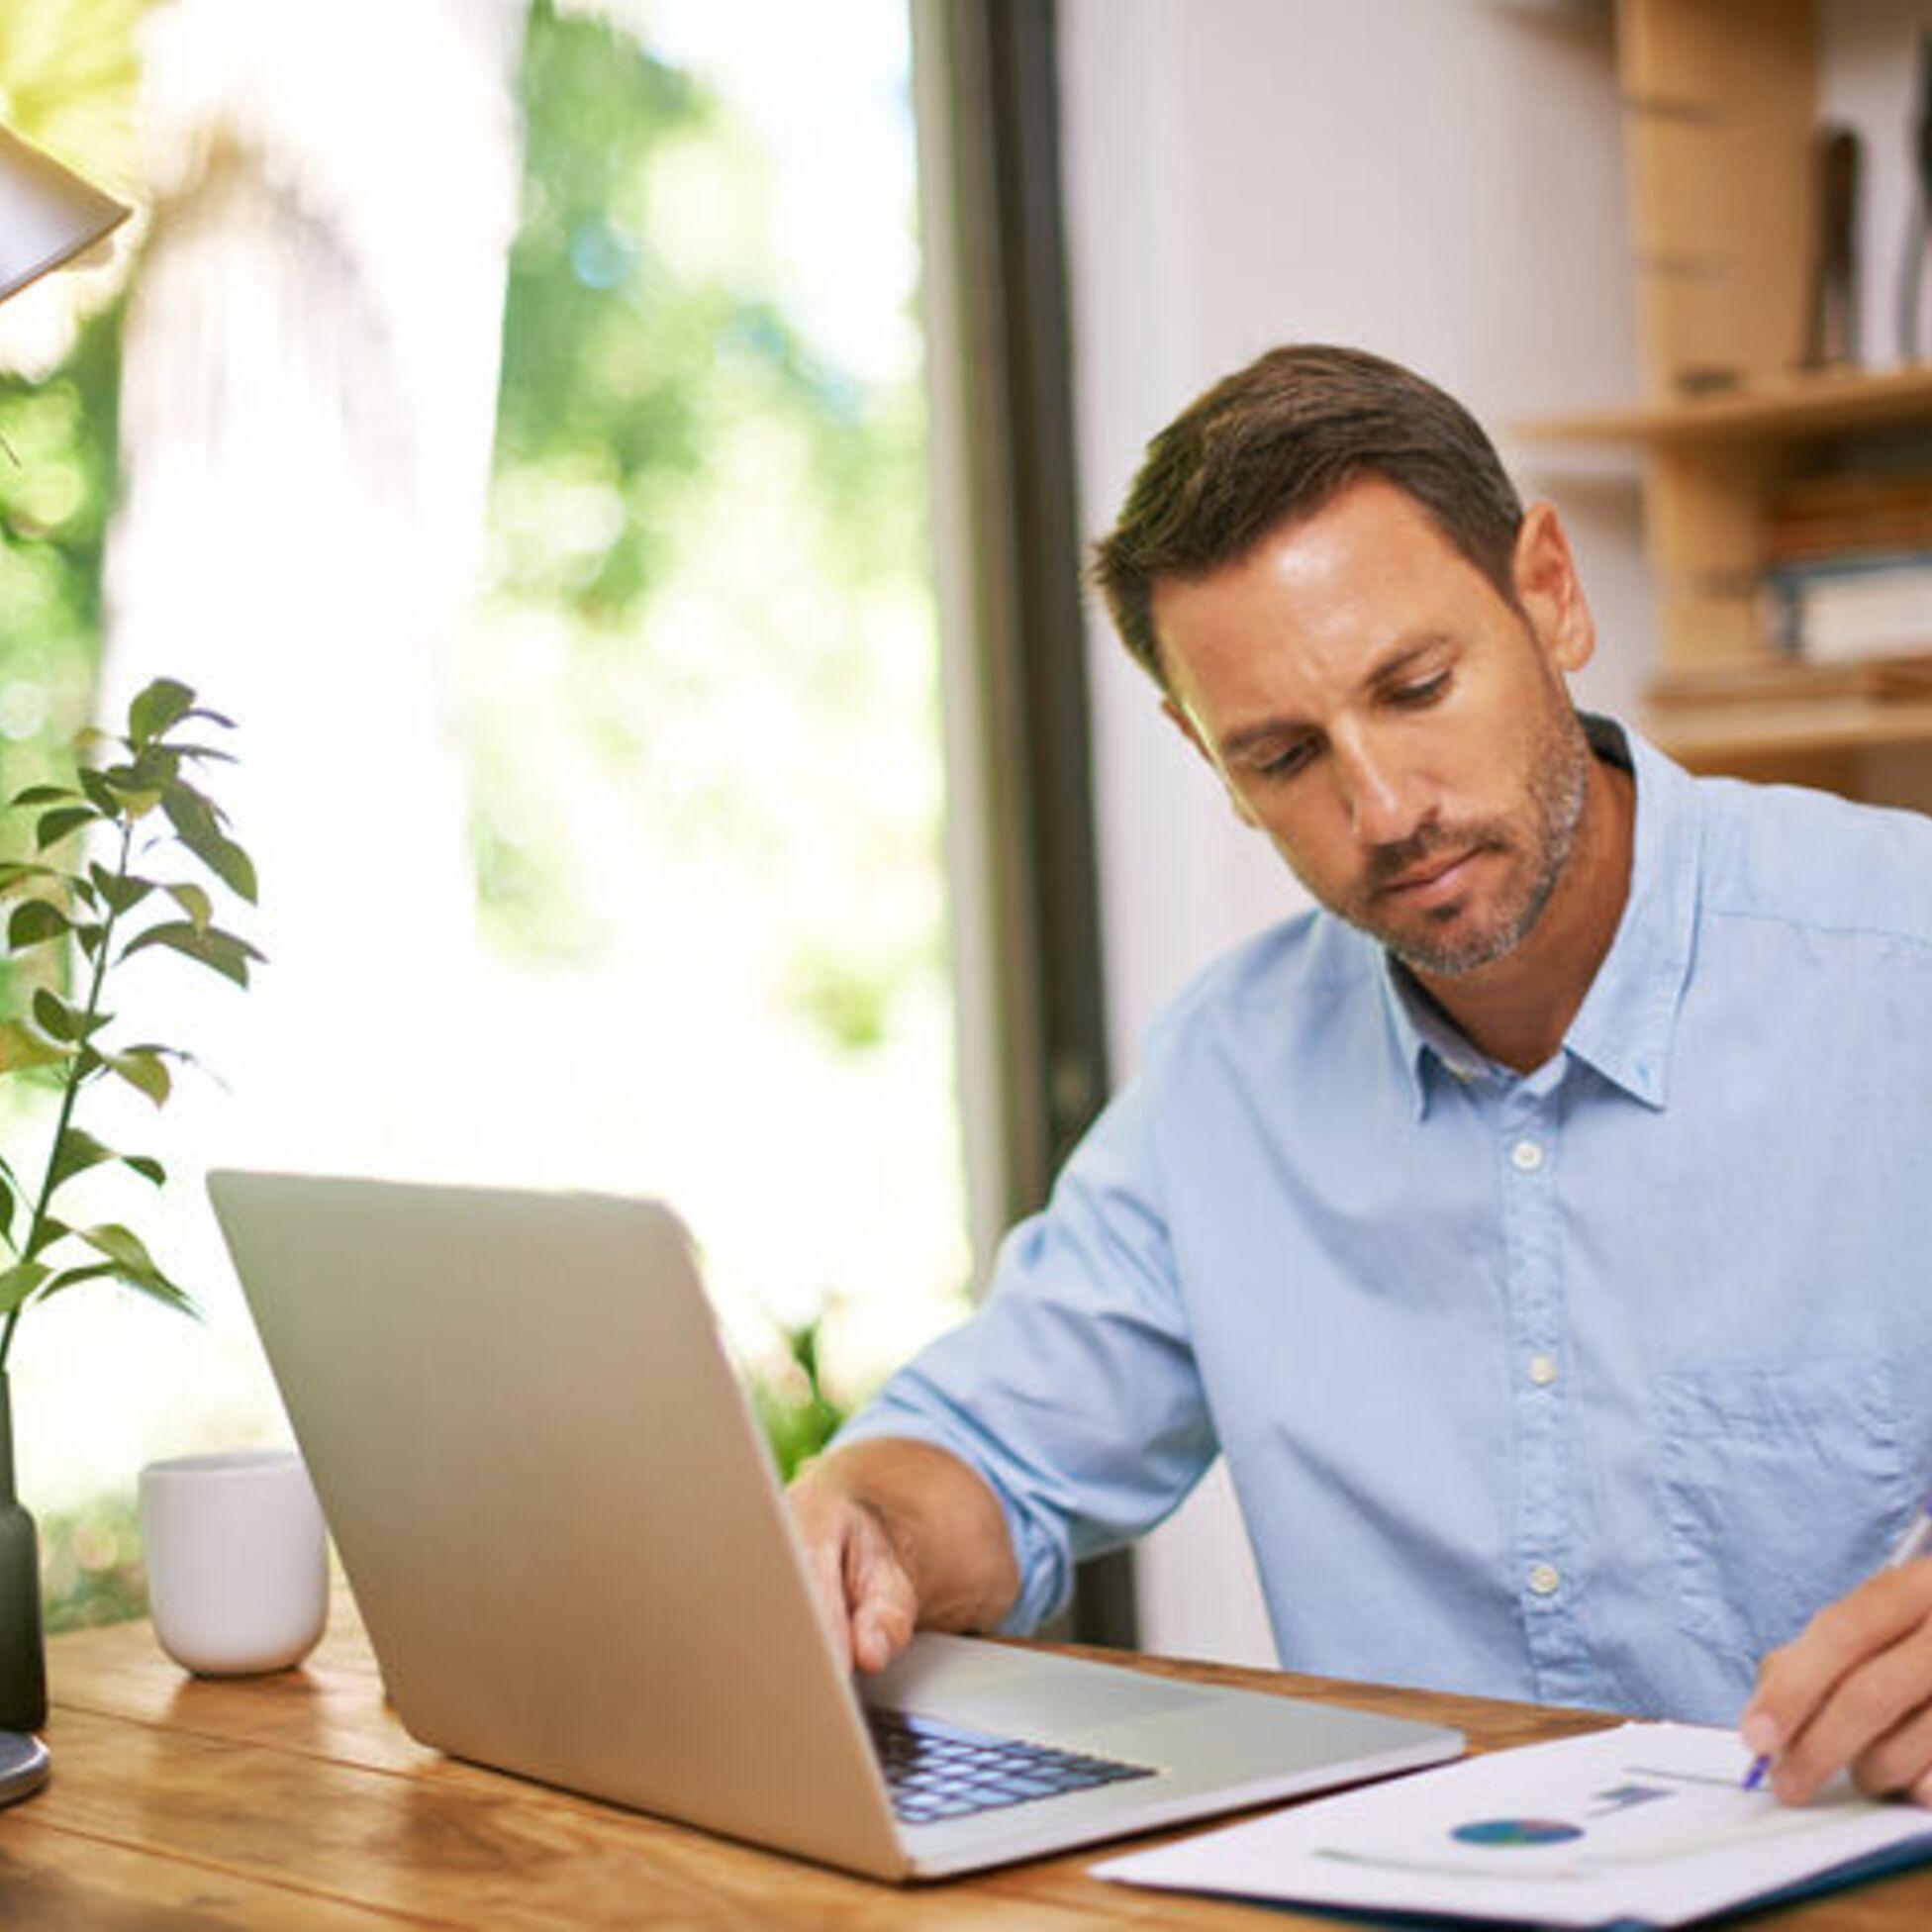 Mann prüft Unterlagen am Schreibtisch